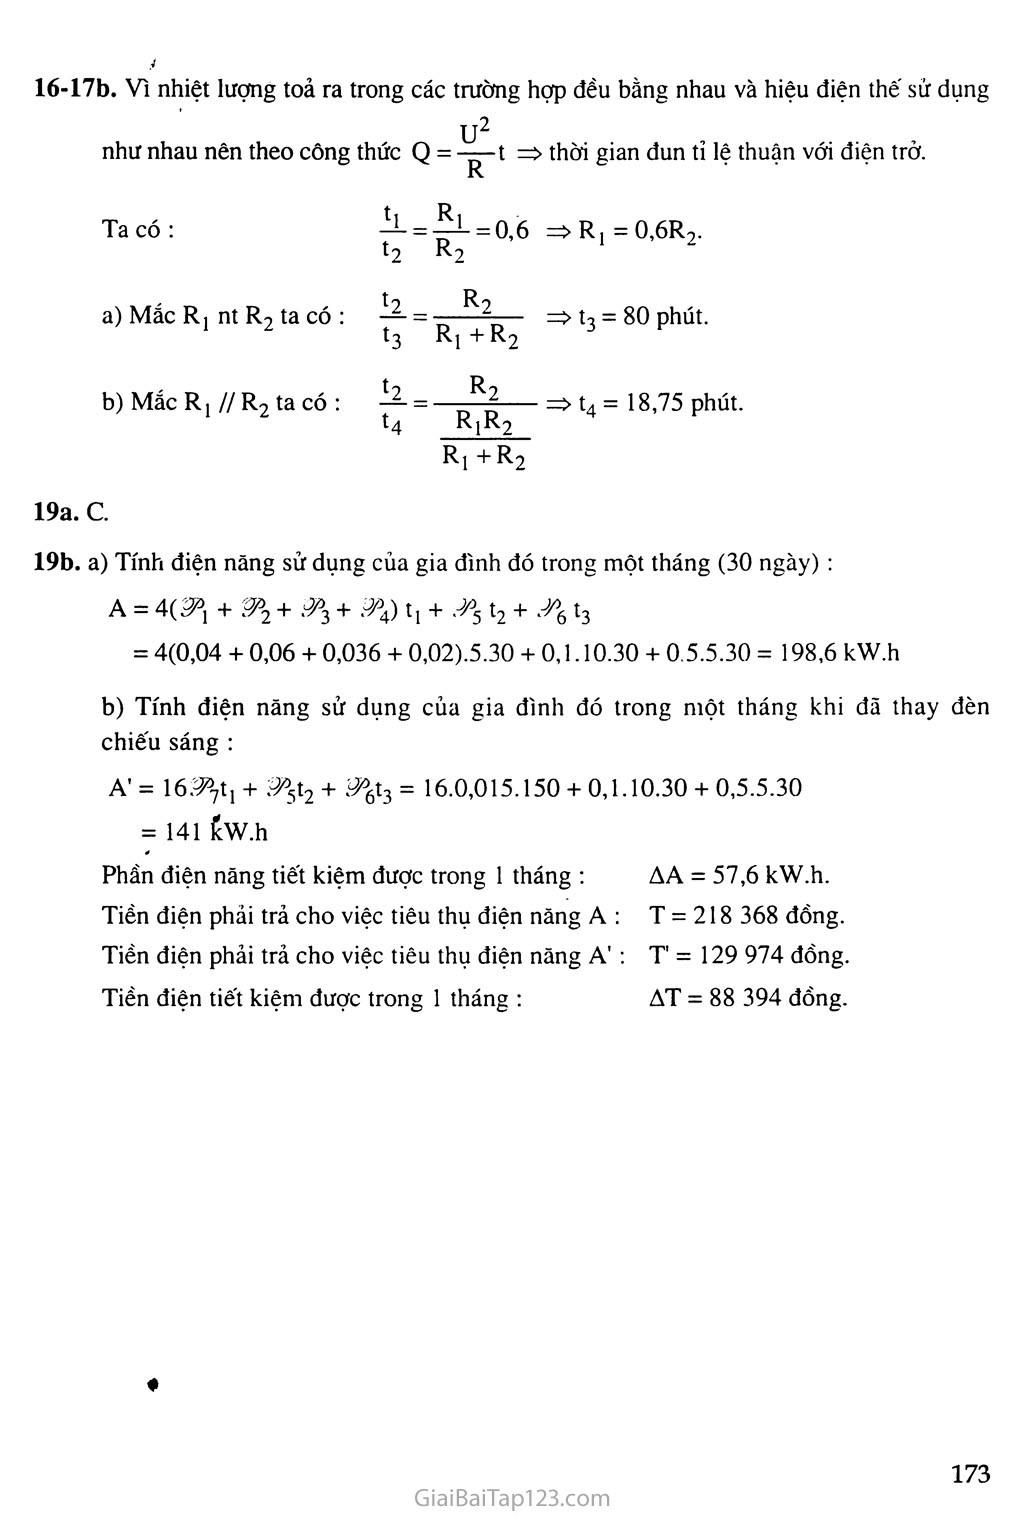 Hướng dẫn giải các bài tập bổ sung trang 9